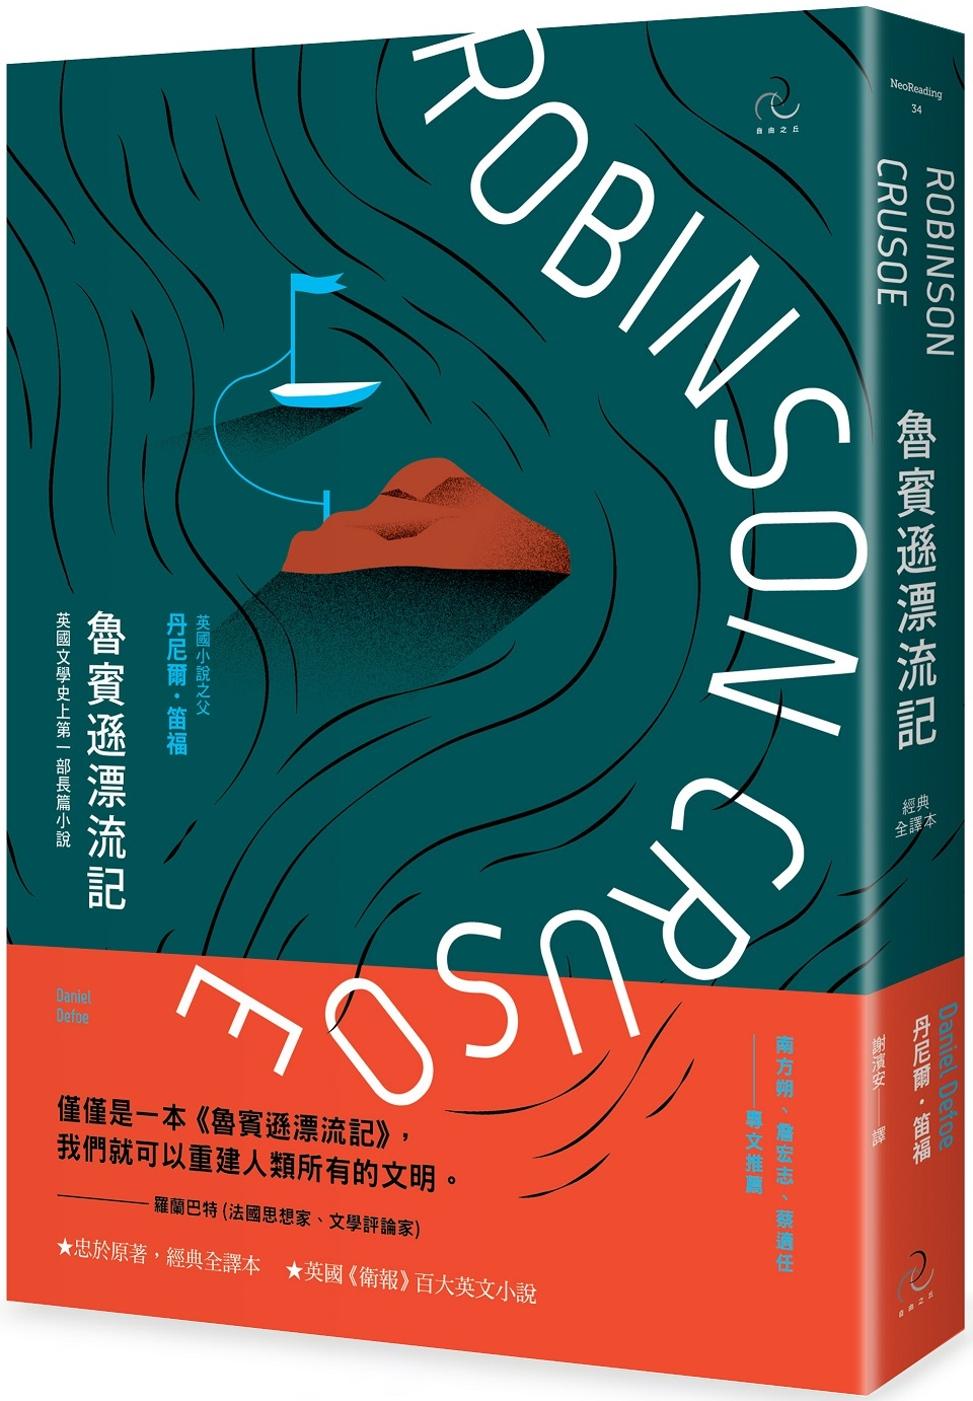 魯賓遜漂流記【經典全譯本】:英國文學史上第一部長篇小說(二版)